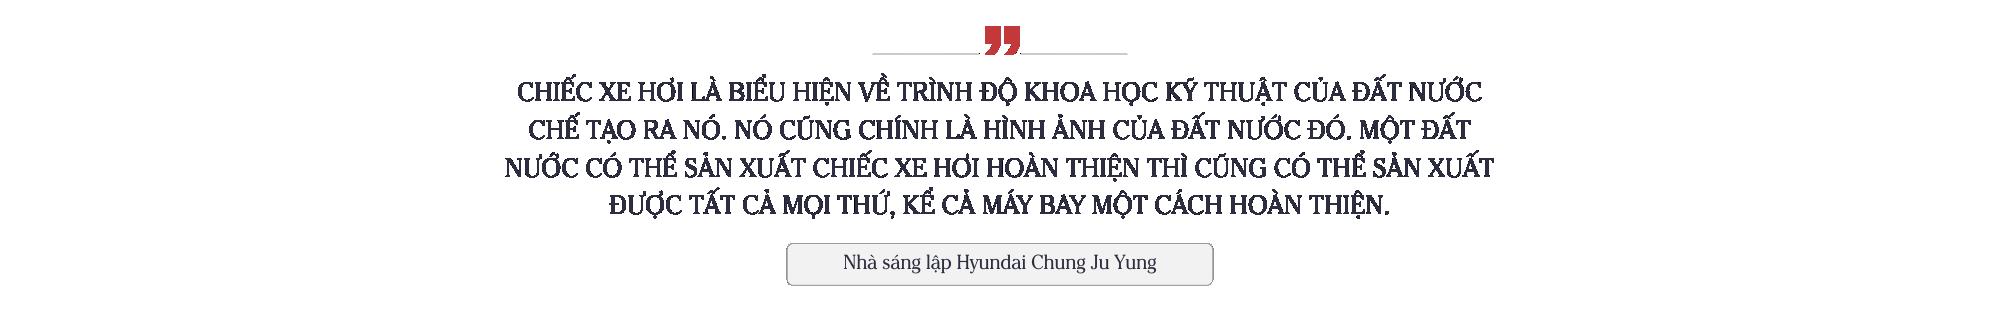 Một thập kỷ vun đắp giấc mơ ngành công nghiệp ô tô 'Made in Vietnam' - Ảnh 11.